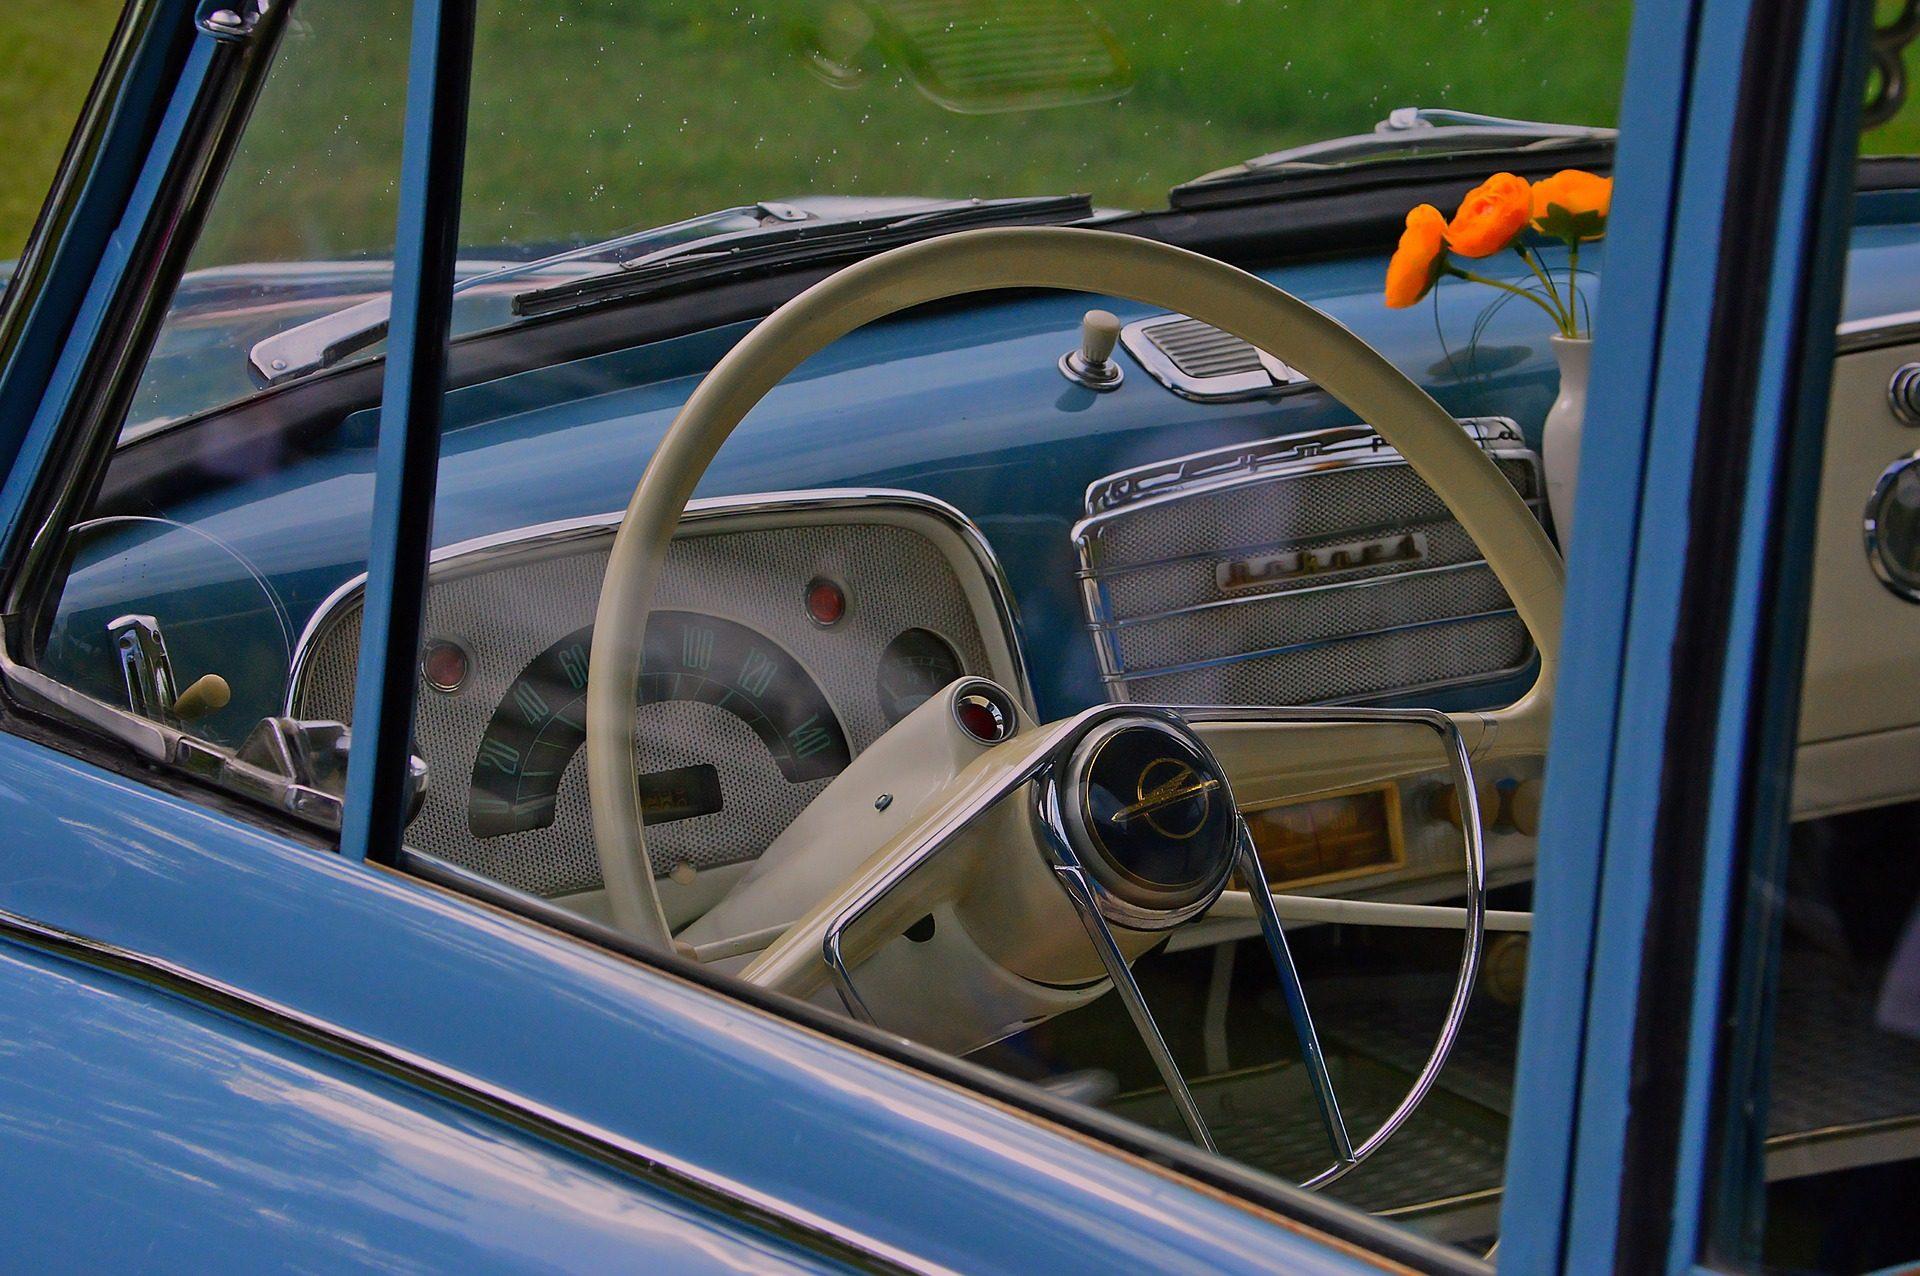 coche, antiguo, clásico, vintage, volante, salpicadero - Fondos de Pantalla HD - professor-falken.com